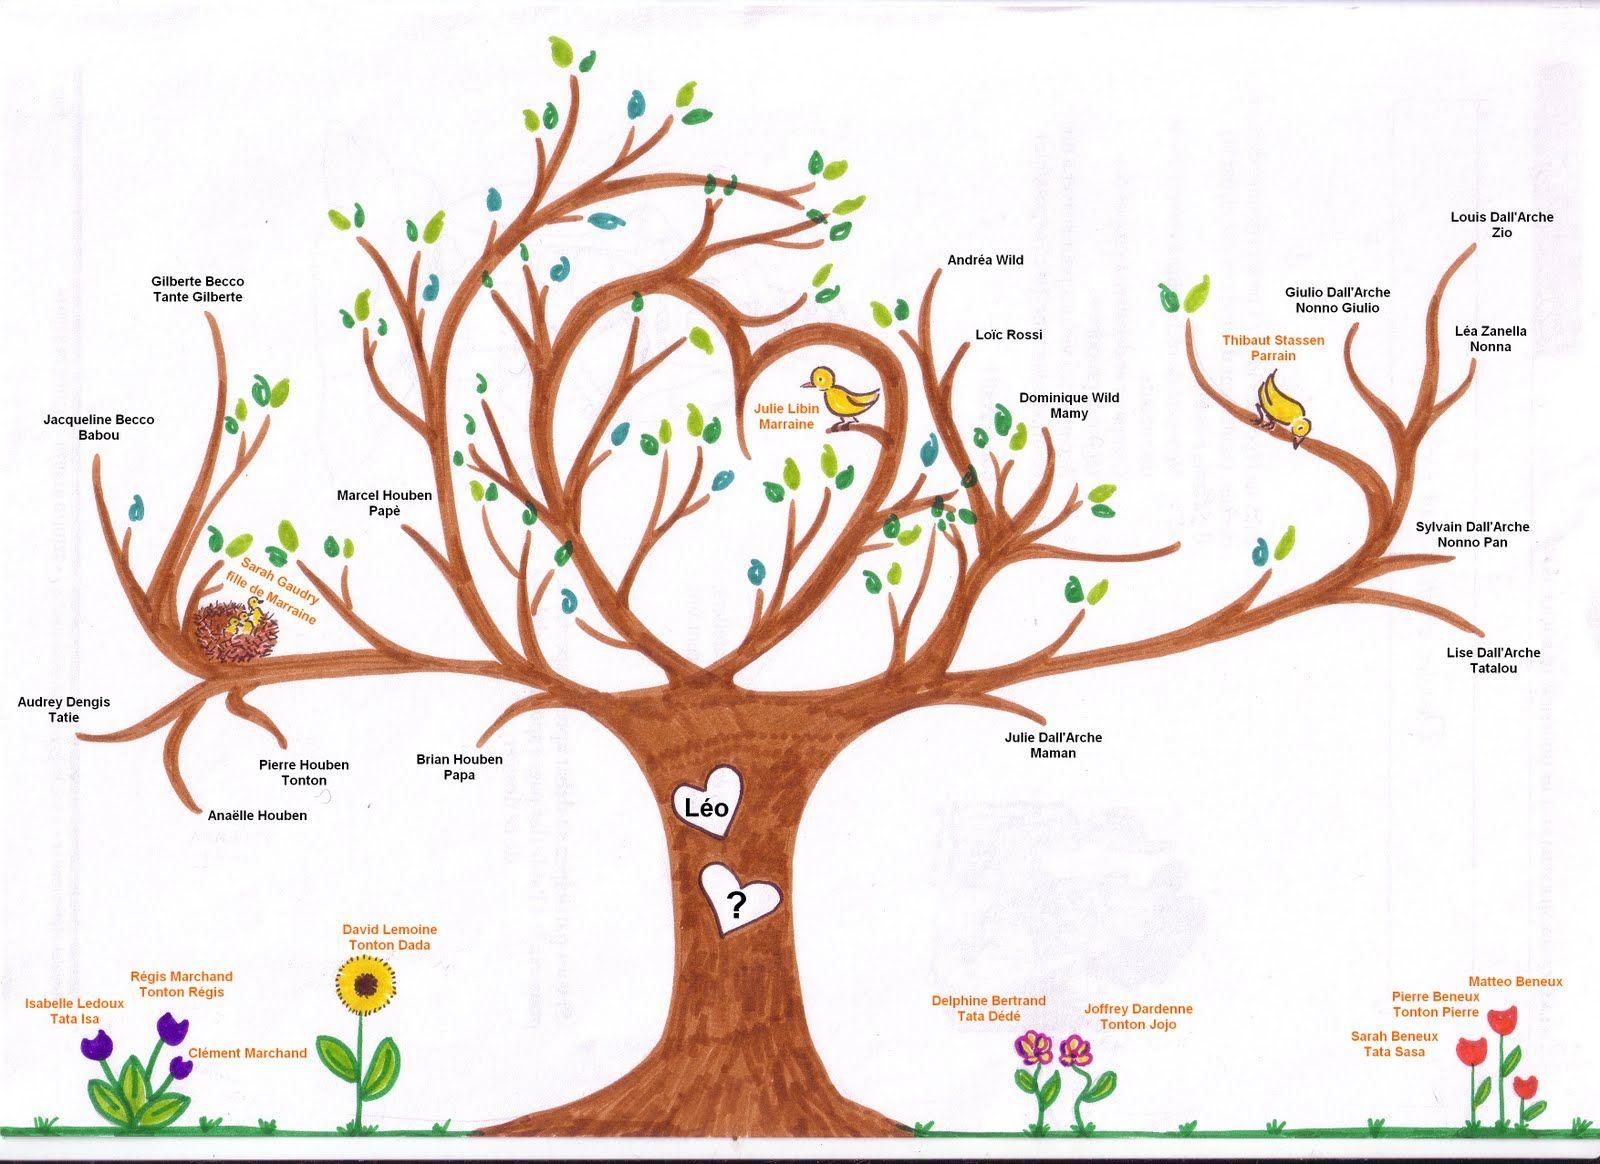 Zaid style arbre g n alogique o k u x arbres de famille arbre g n alogique arbre de - Arbre genealogique dessin ...